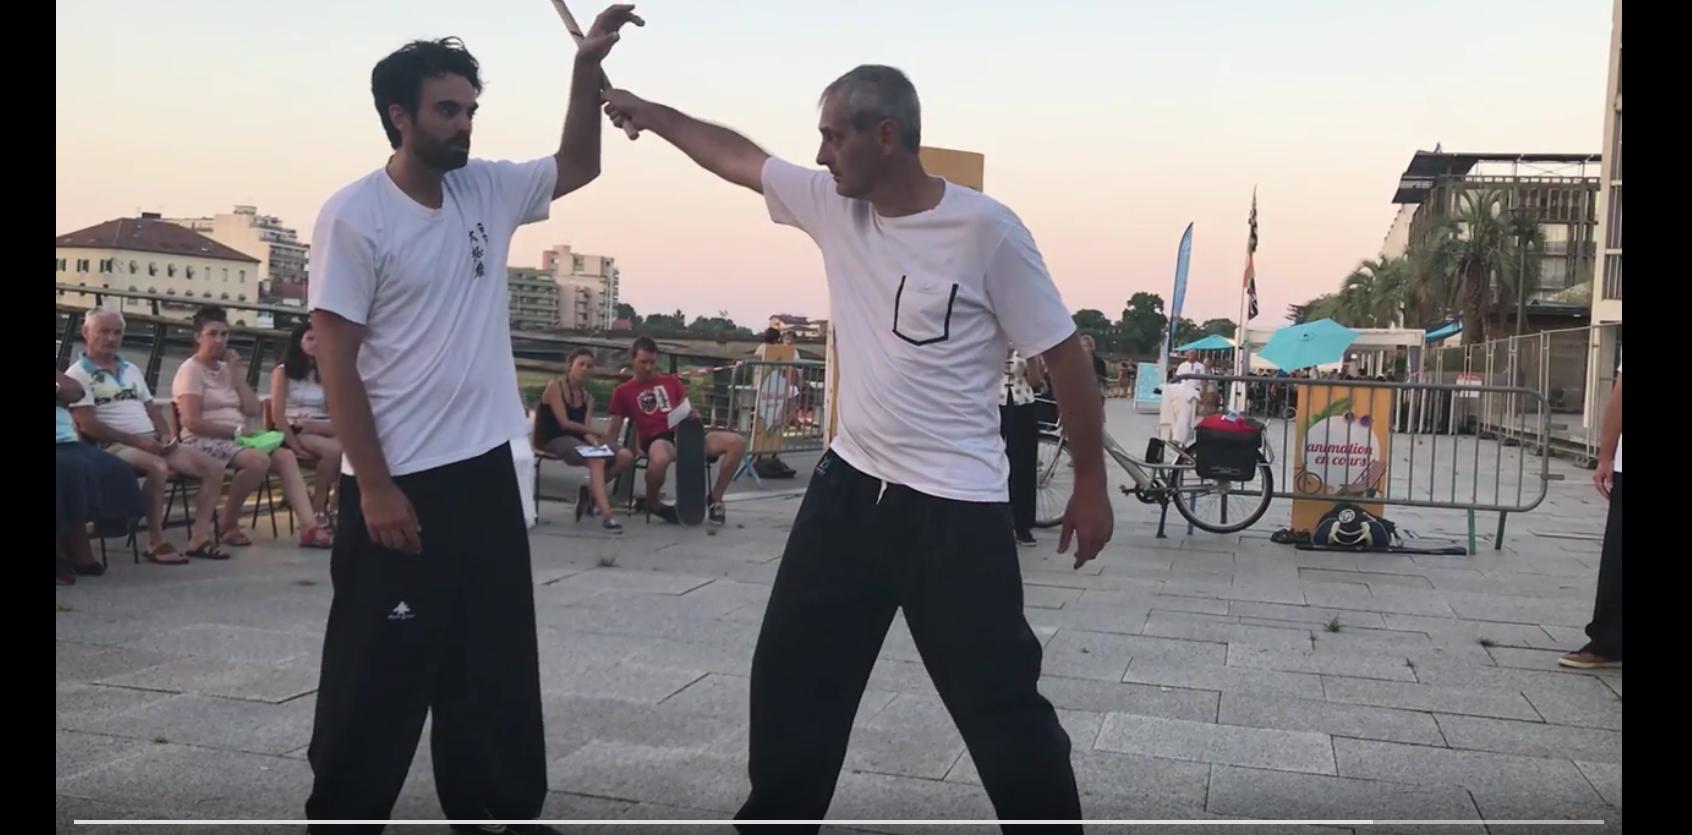 Vidéo_de_l'album_Les_Berges_de_l'Adour_2018_-_Google_Photos_-_2018-08-19_09.36.05